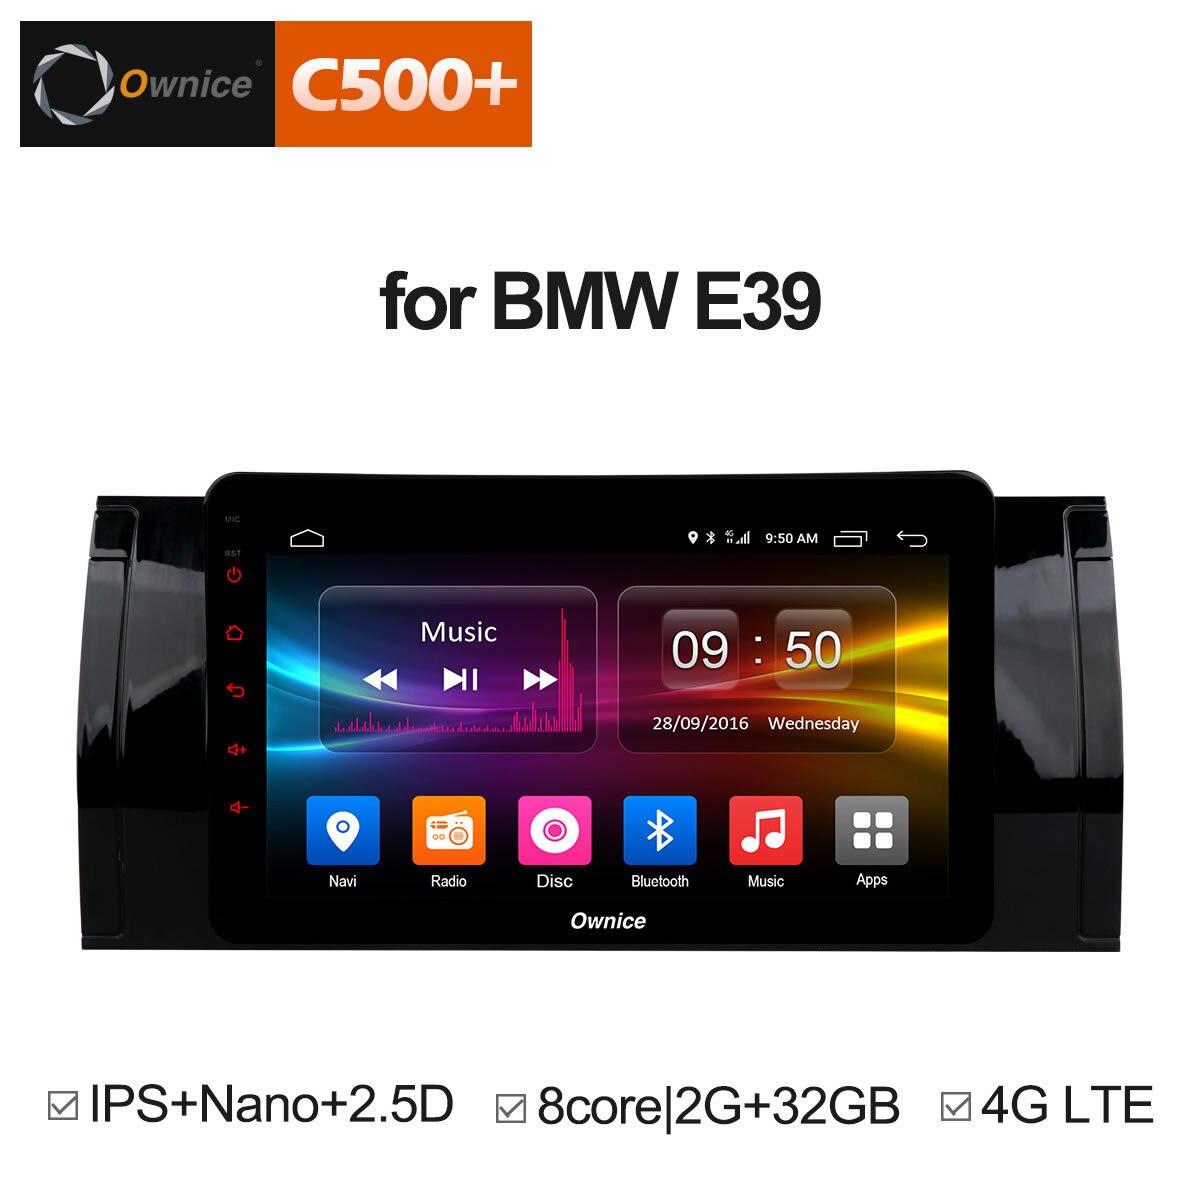 Lecteur DVD de voiture Ownice C500 + G10 Octa Core android 8.1 ROM 32G pour bmw E39 GPS Radio RDS GPS Navi lecteur stéréo 2G ram 4G LTE